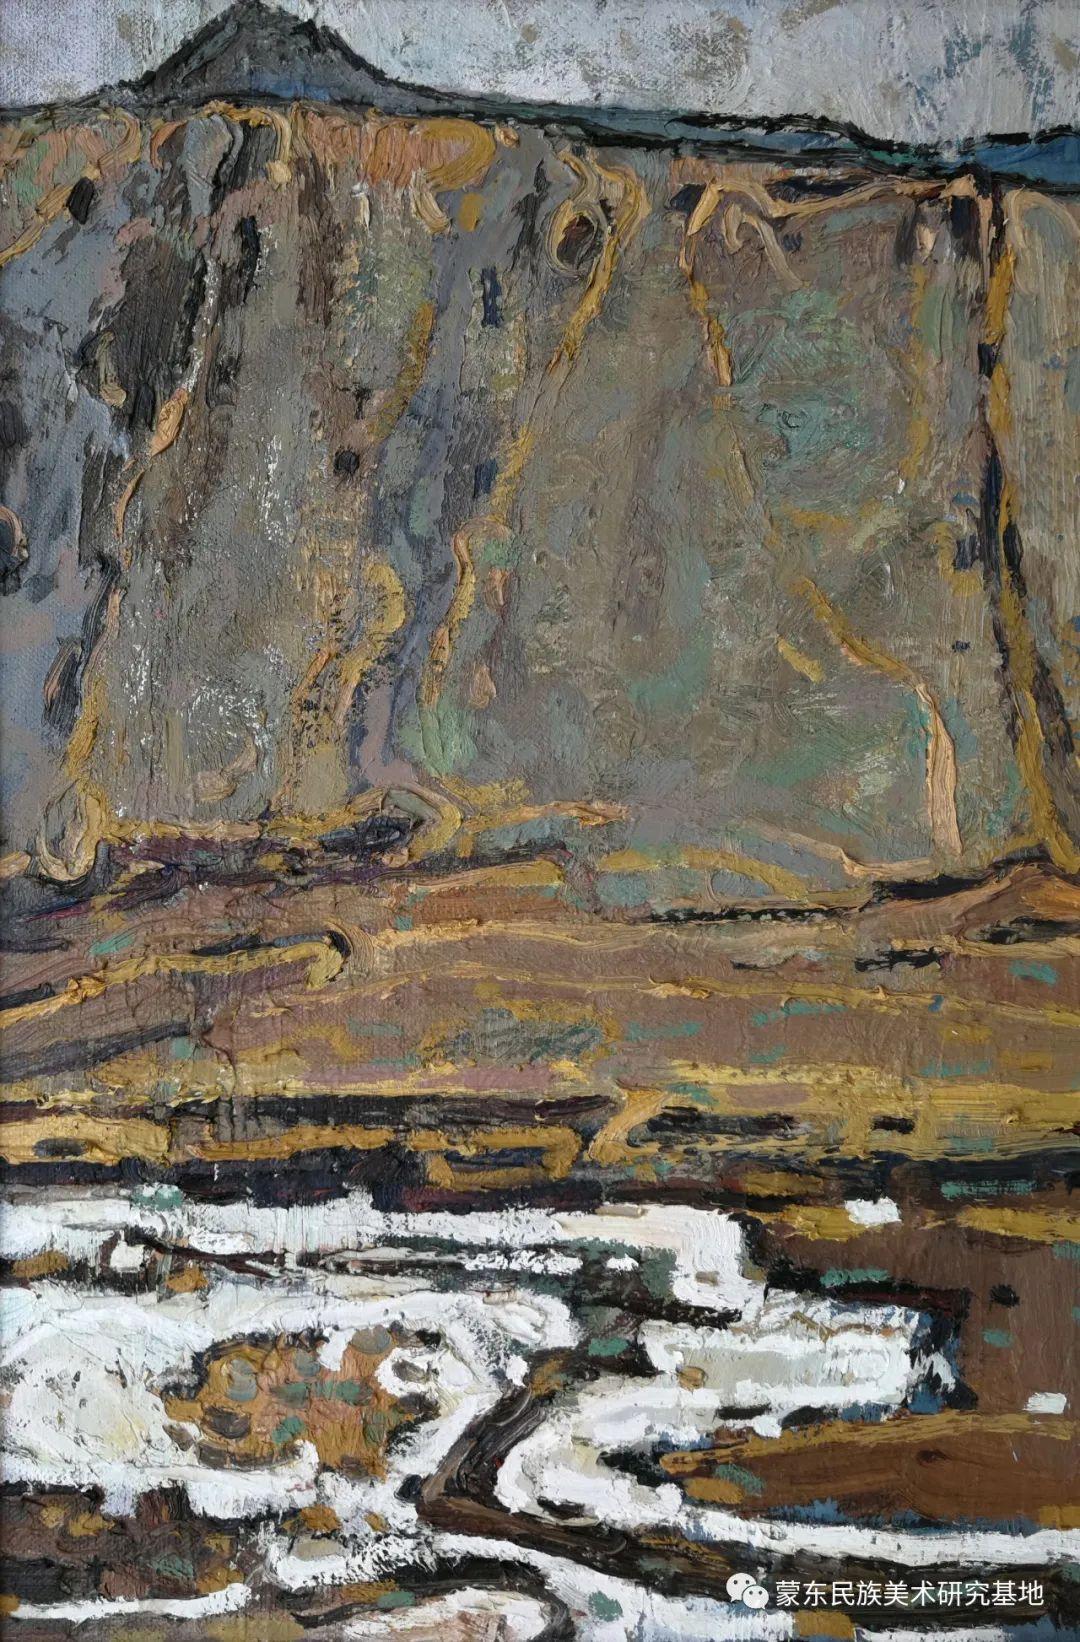 布和朝鲁油画作品——中国少数民族美术促进会,蒙东民族美术研究基地画家系列 第1张